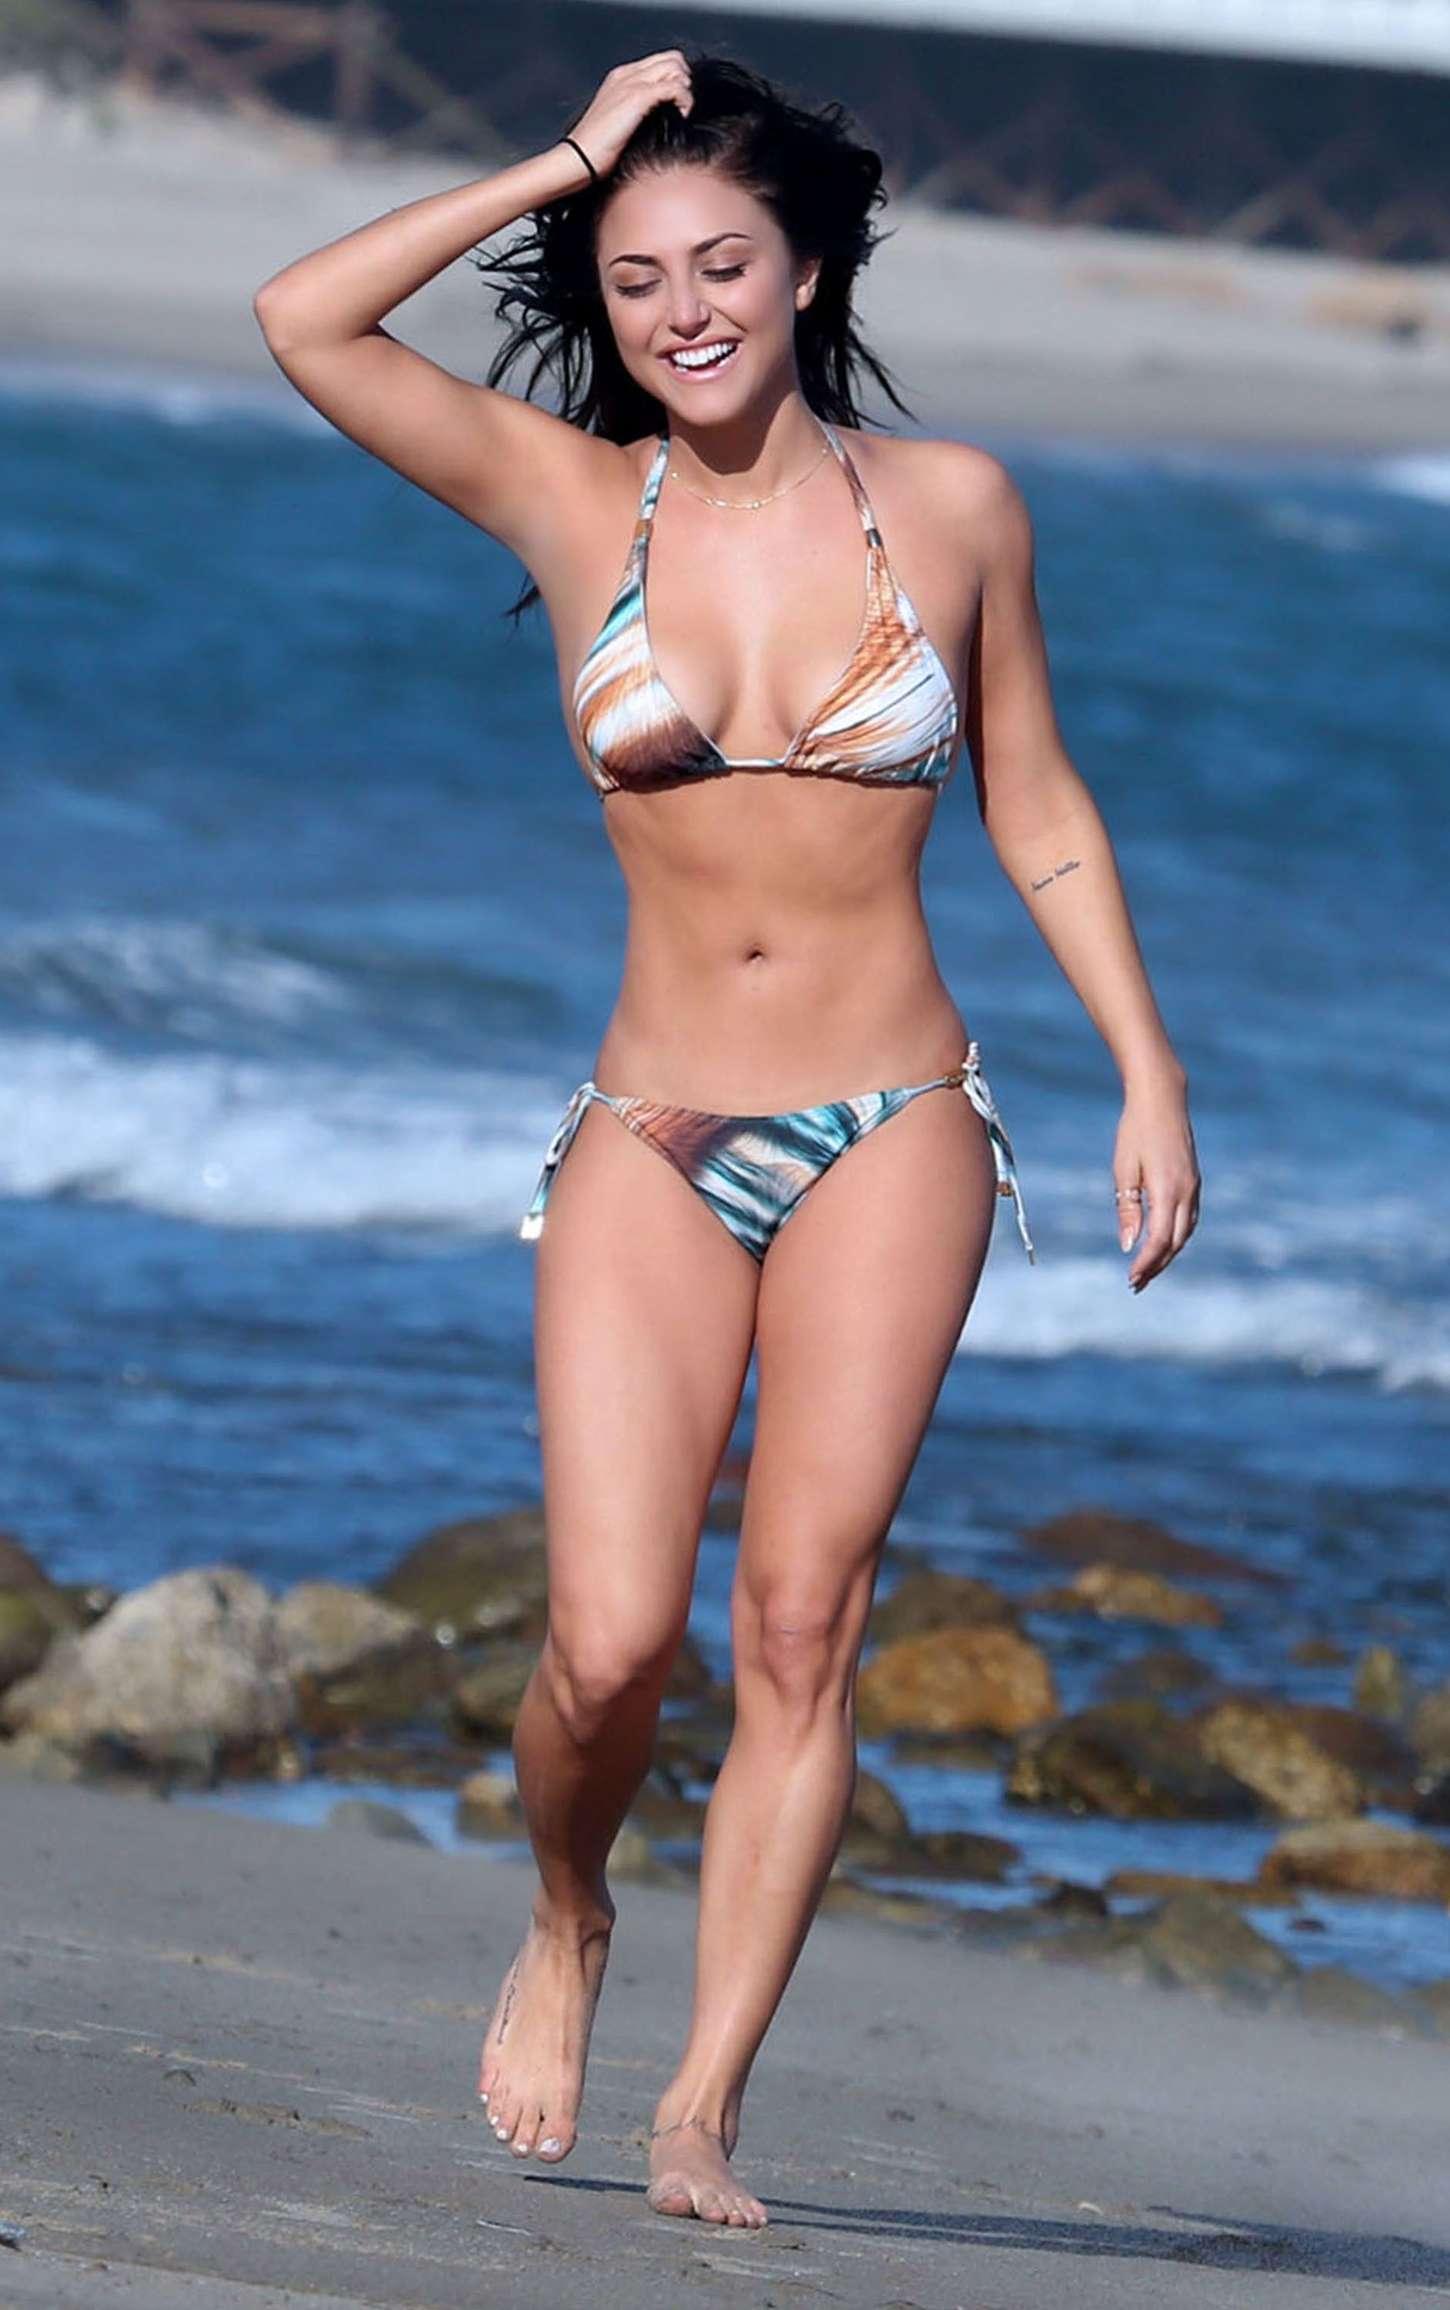 Bikini CBikiniie Scerbo nudes (23 foto and video), Ass, Paparazzi, Instagram, legs 2017